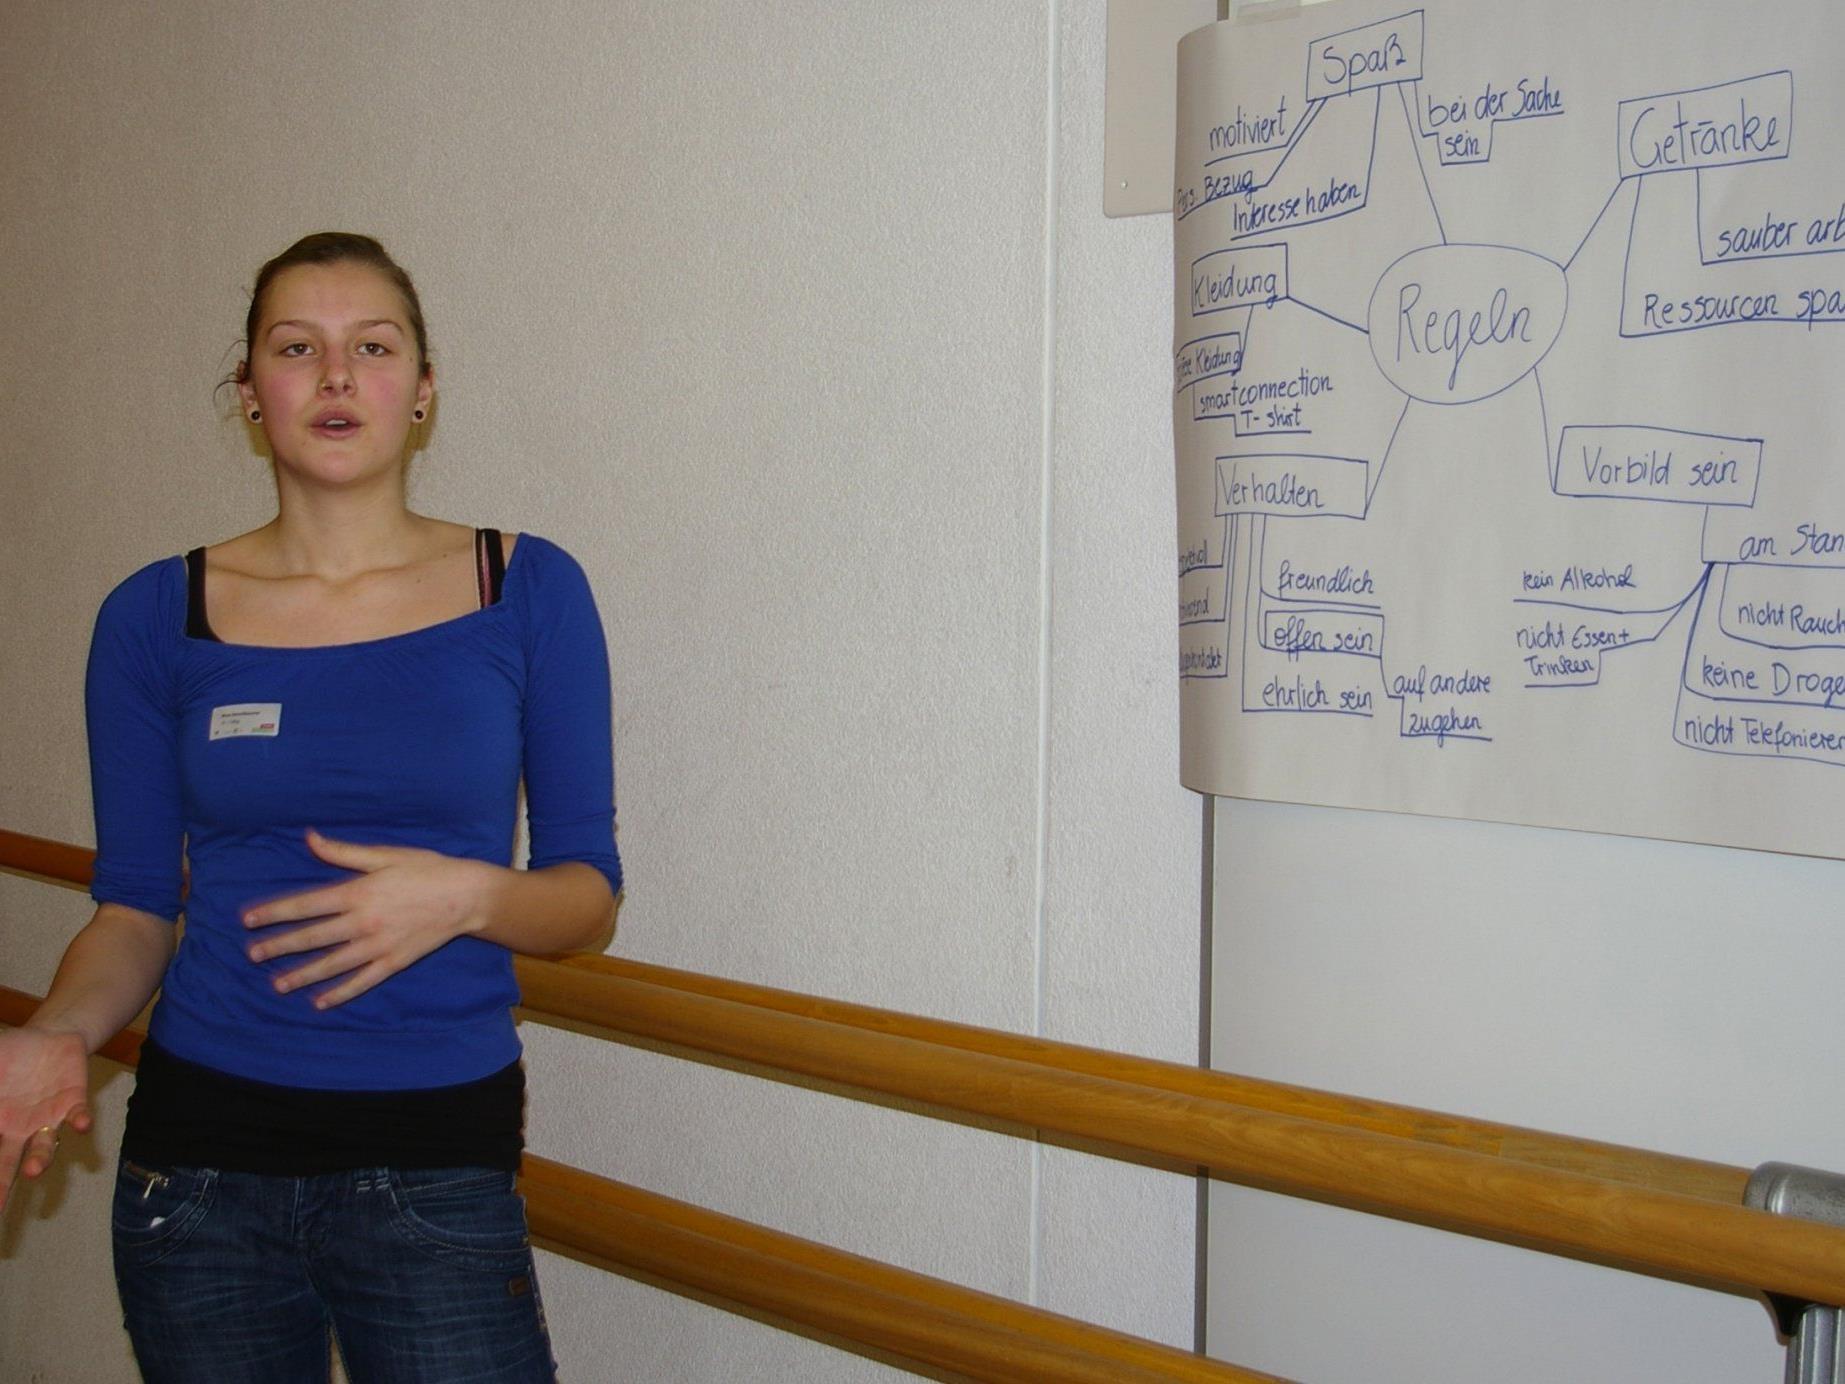 """Nina Kerschbaumer stellt die ierarbeiteten """"smartconnection""""-Regeln vor."""